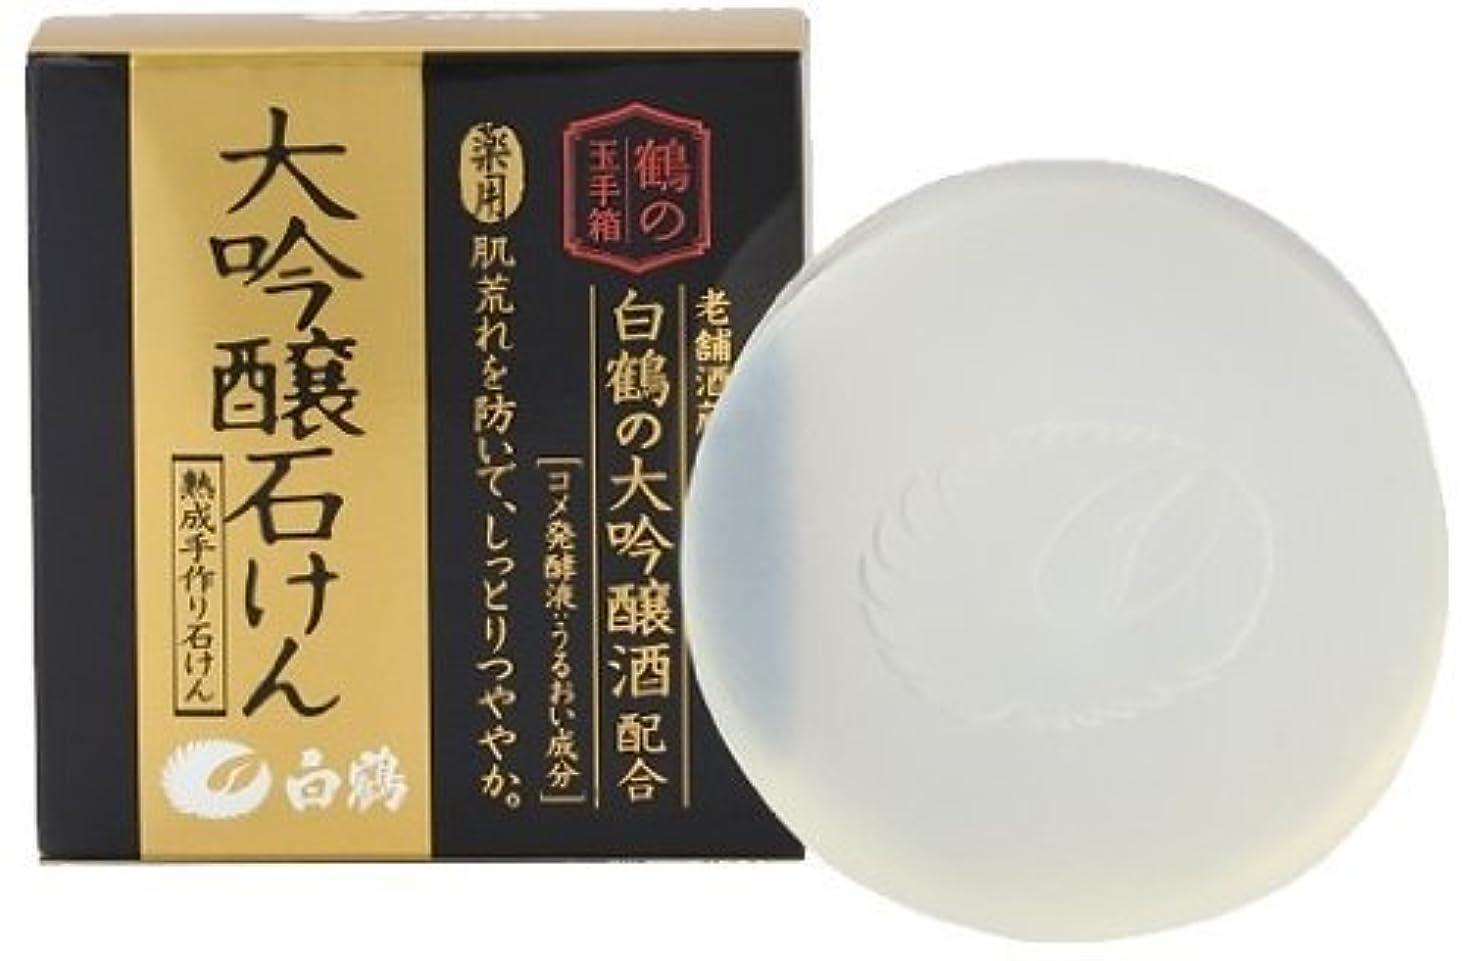 履歴書返還深い白鶴 鶴の玉手箱 大吟醸石けん 100g × 5個 (薬用)(医薬部外品)